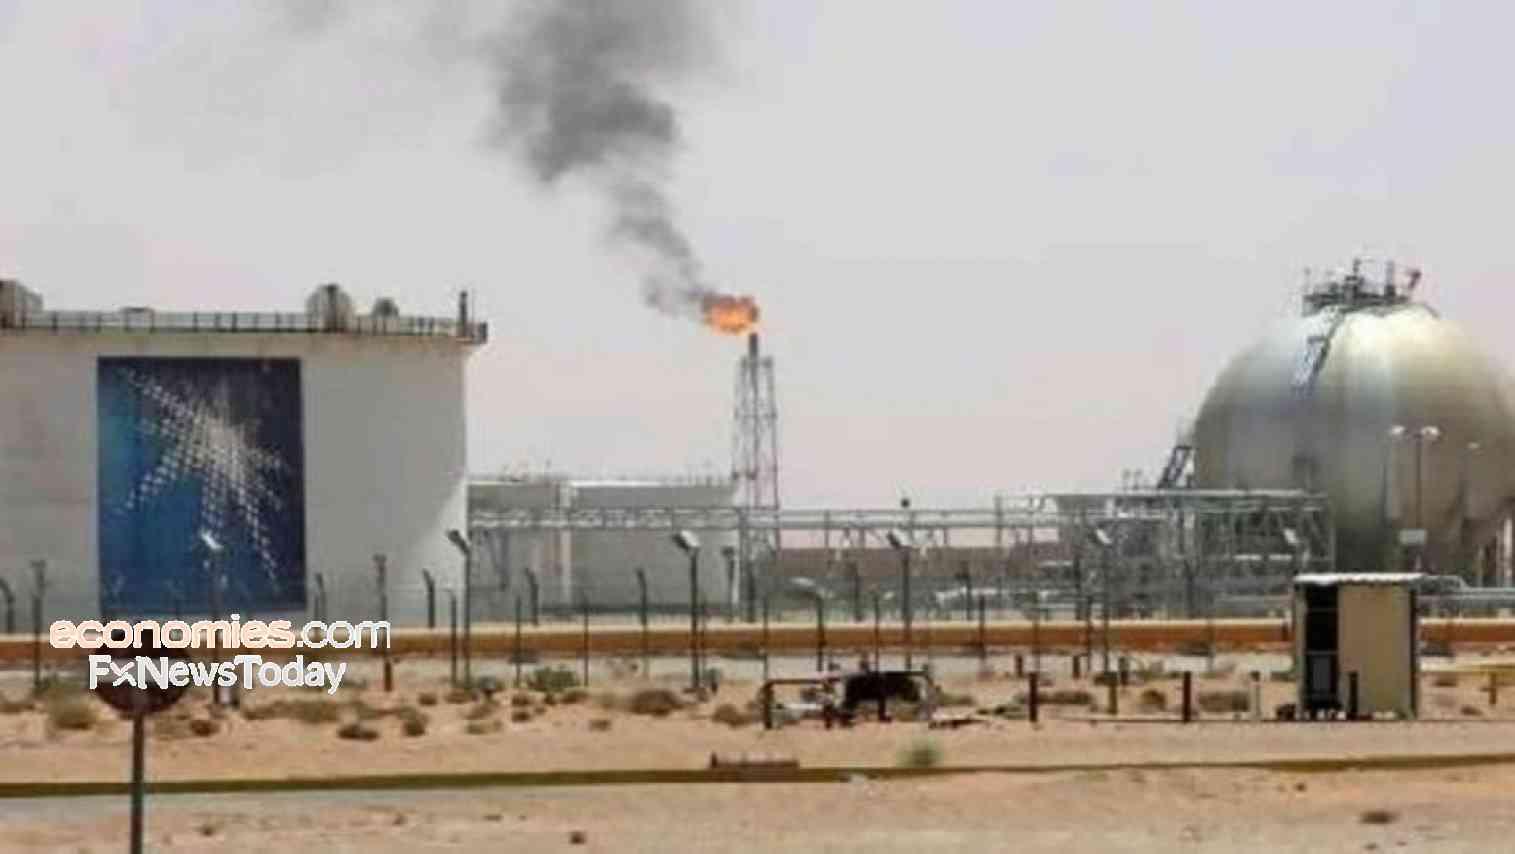 السعودية تجذب استثمارات أجنبية بـ 37 مليار دولار في 6 سنوات